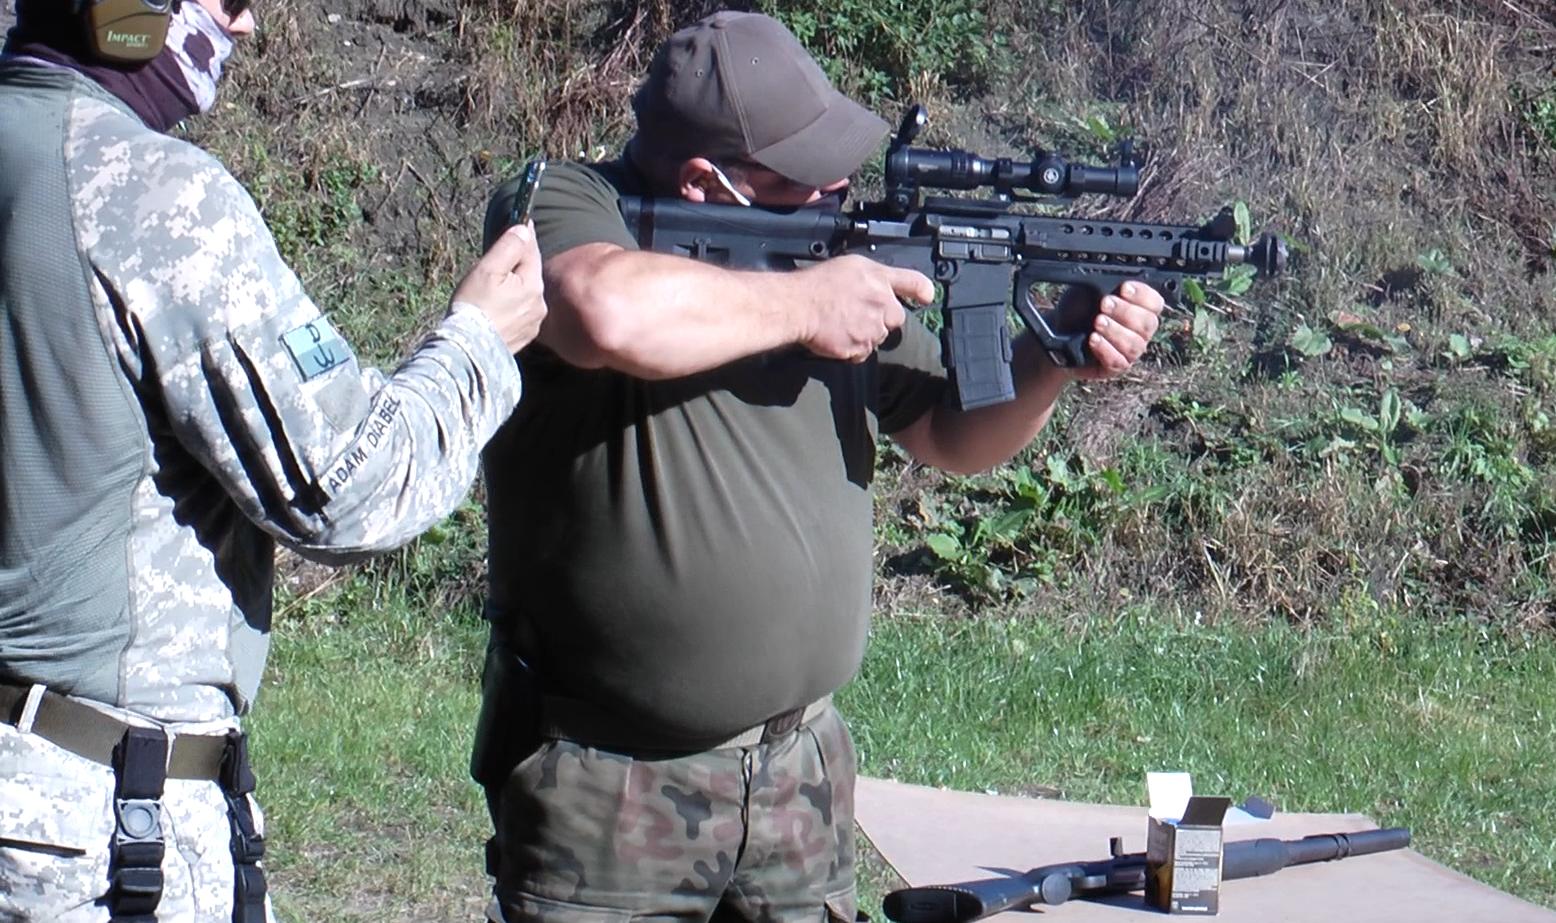 Kolejne zawody na strzelnicy za nami (wideo)